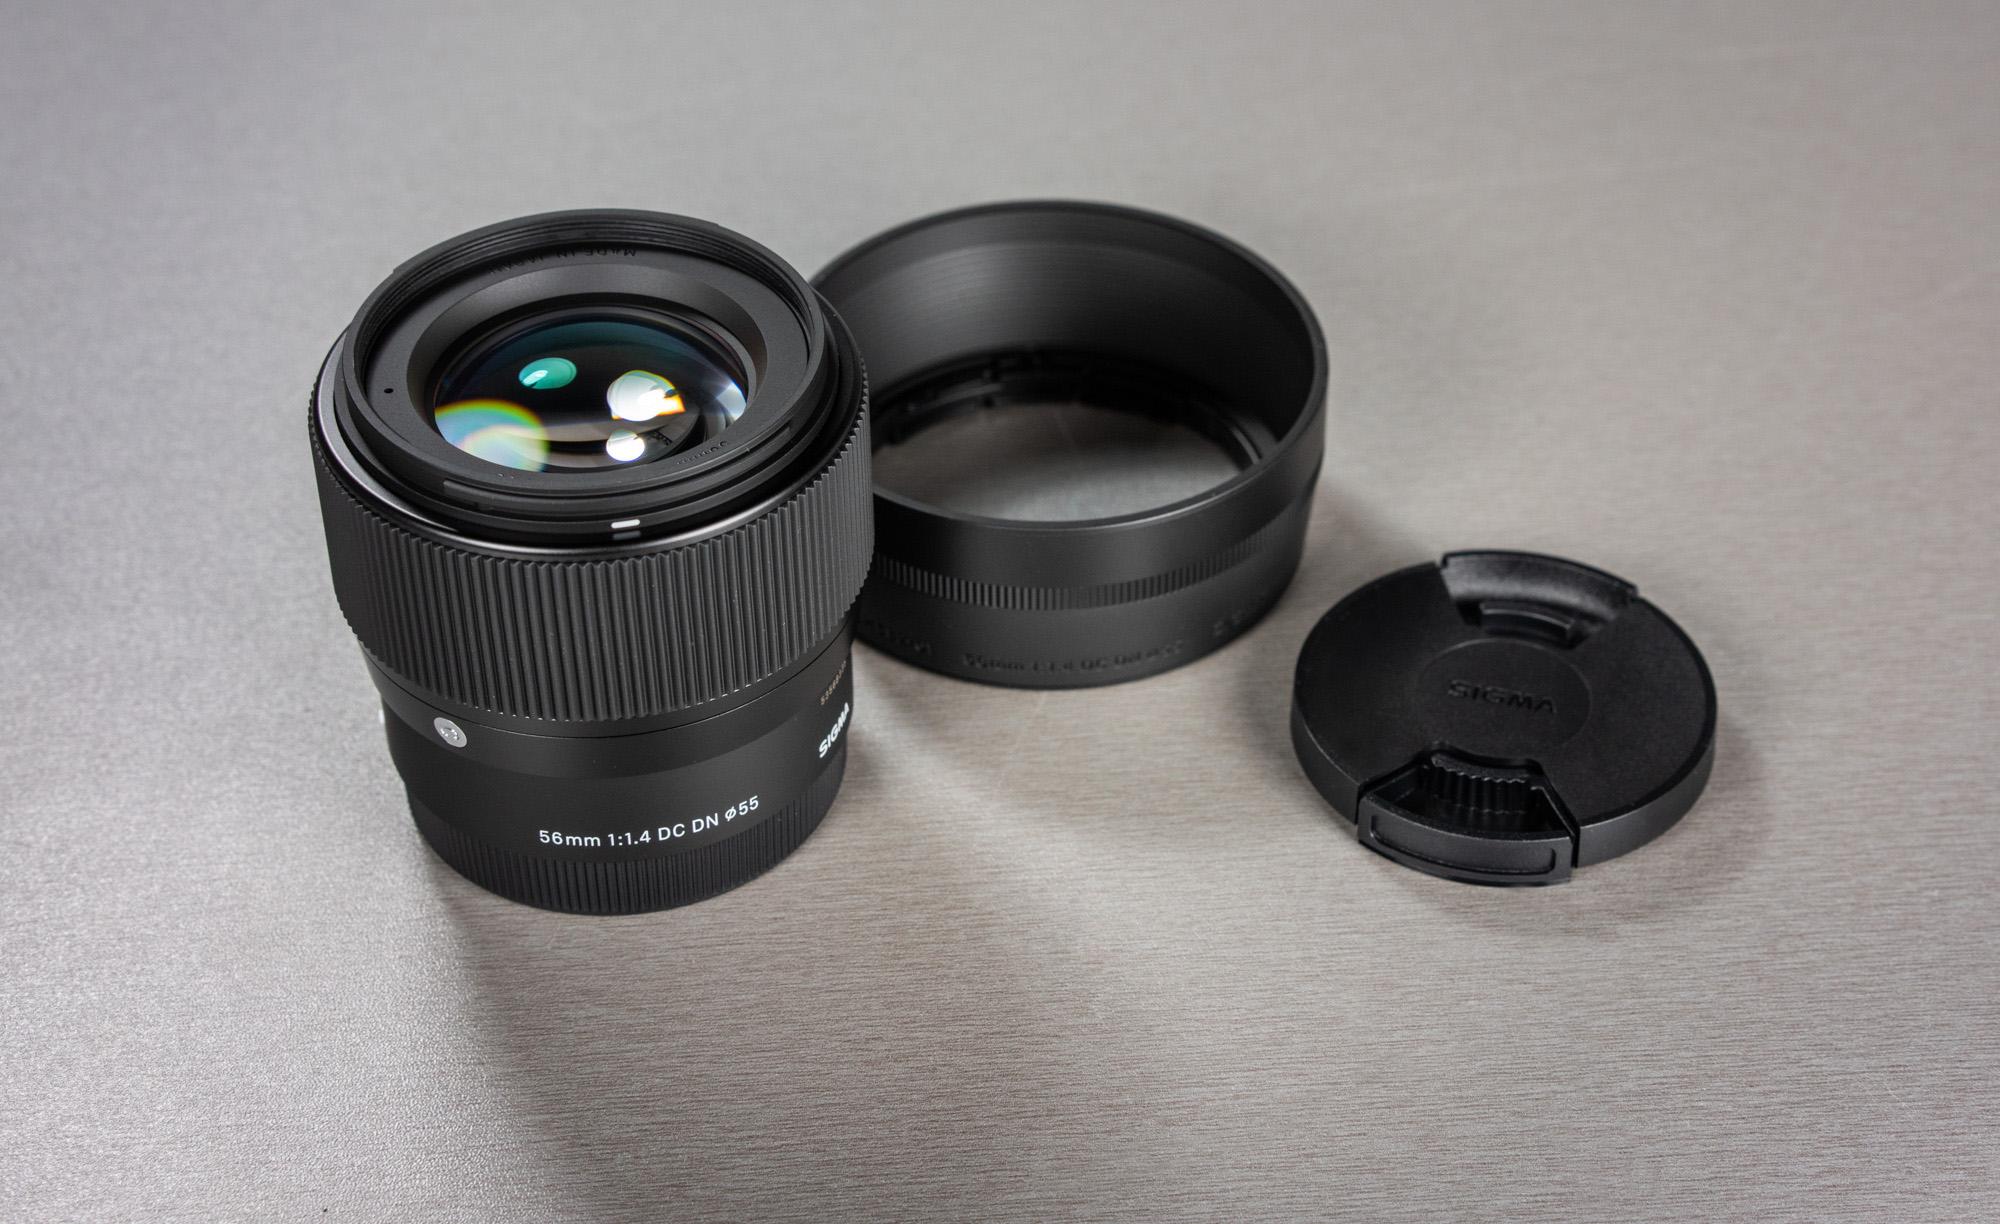 Nüüd saadaval: Sigma 56mm f/1.4 objektiiv Sony hübriidkaameratele